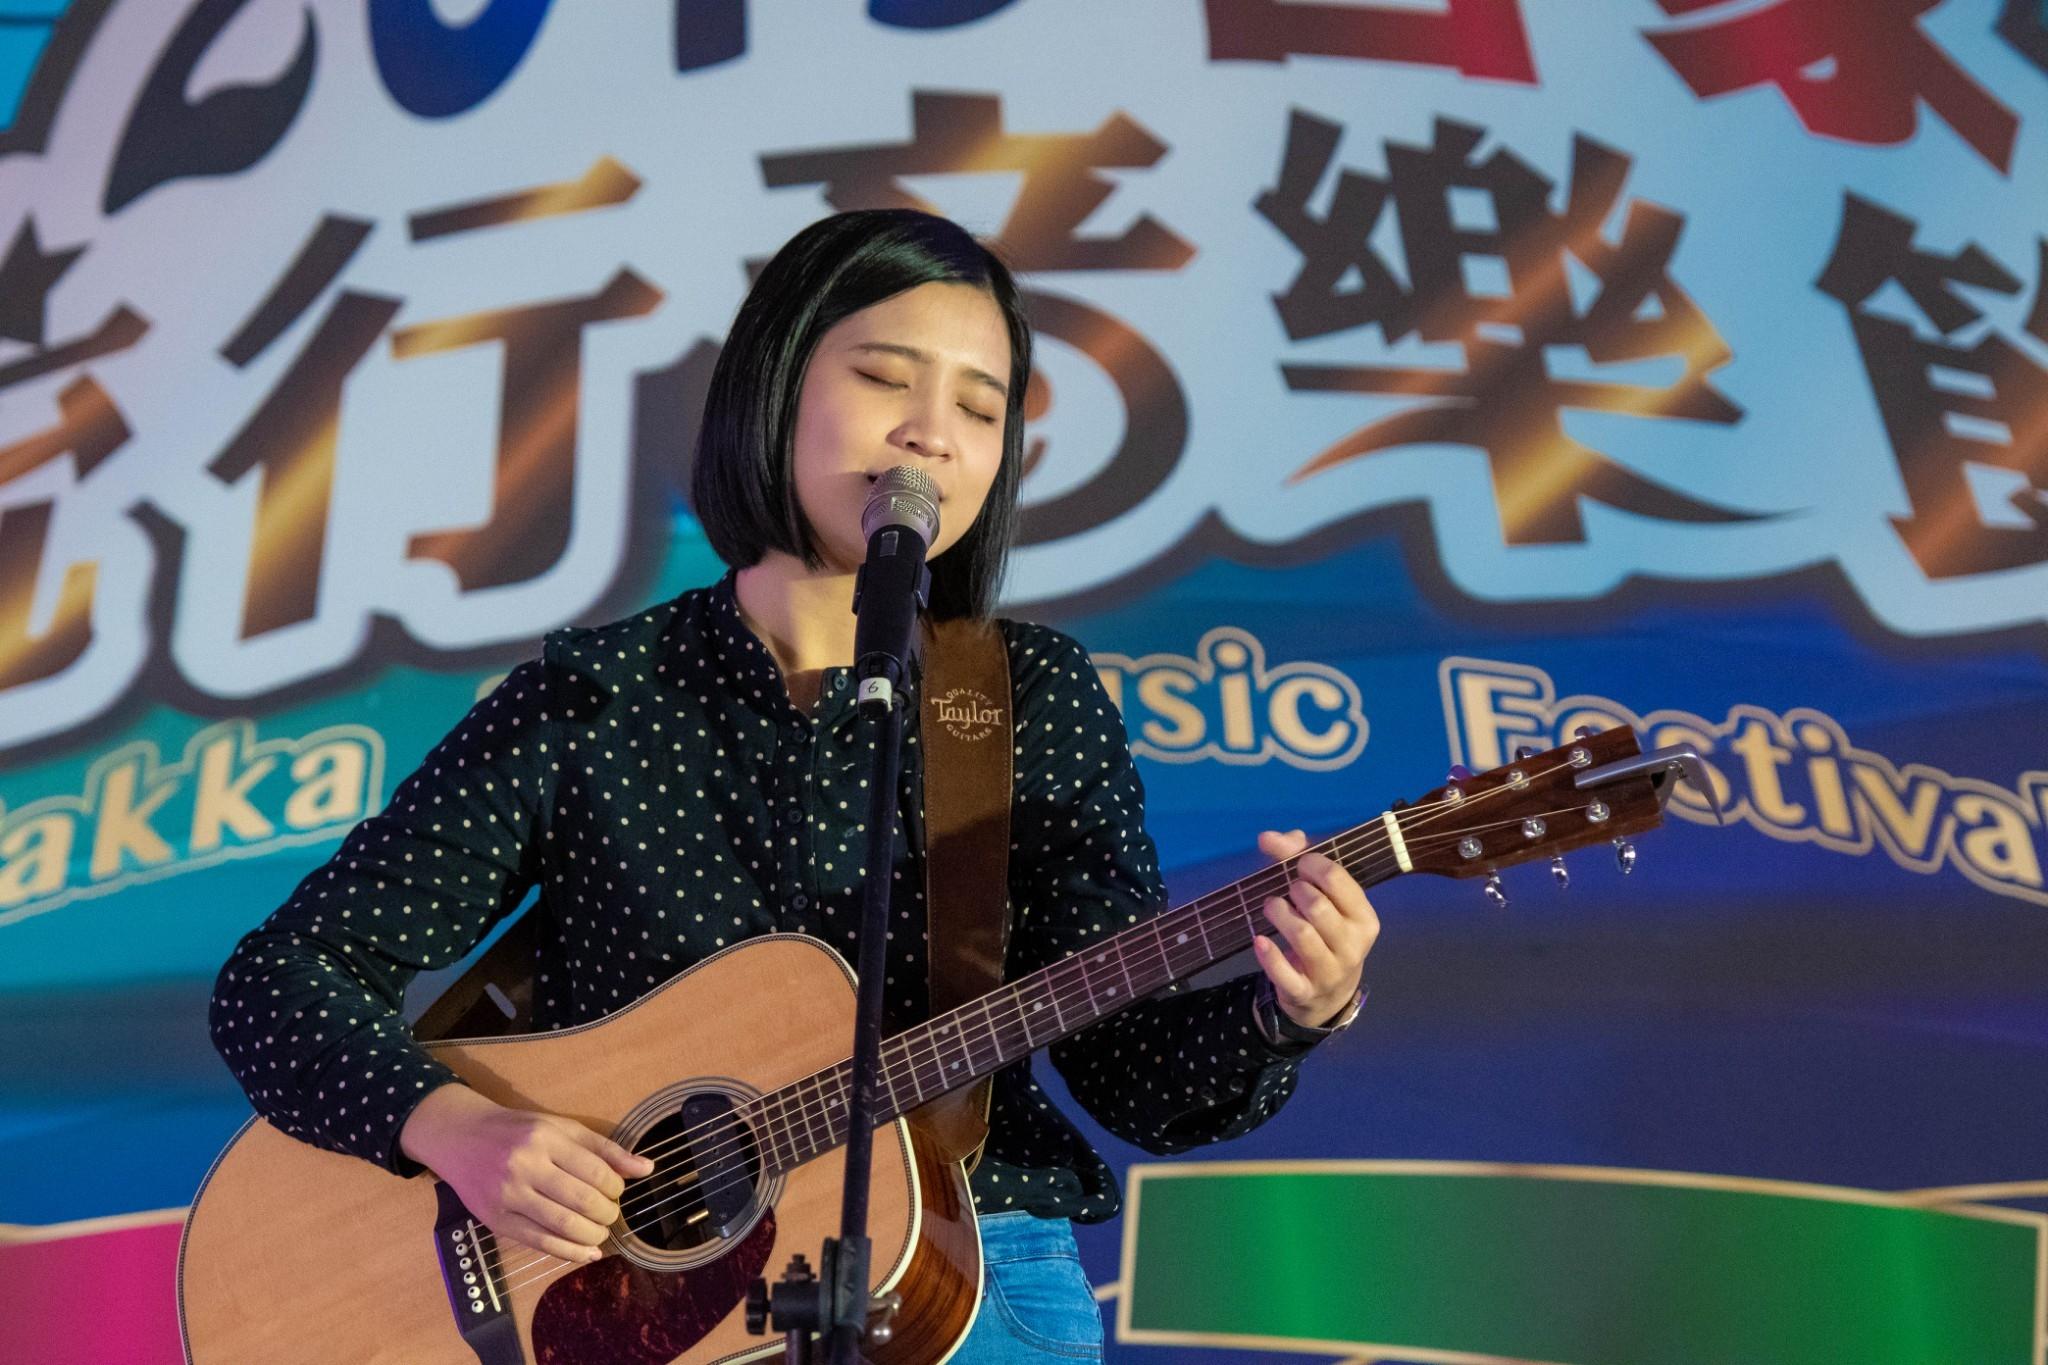 2018客家流行音樂節雙料冠軍得主黃宇寒演唱去(107)年得獎作品「給自己」